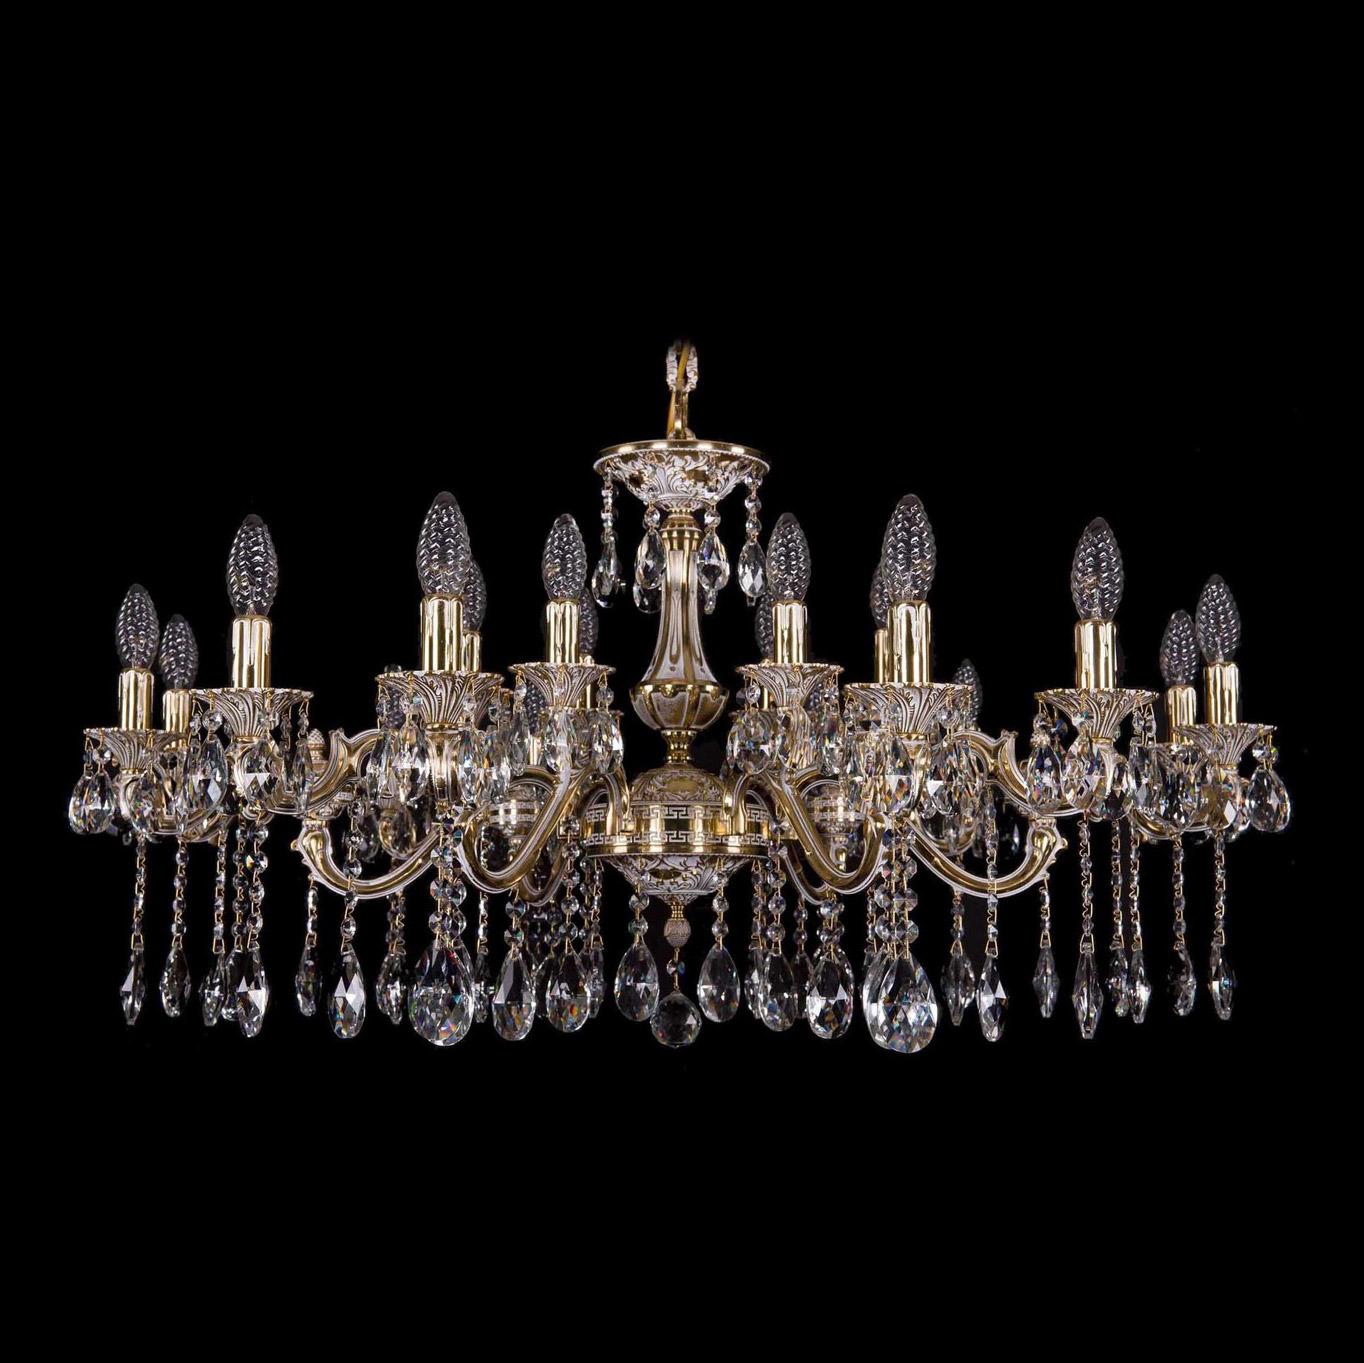 Bohemia Ivele Crystal 1703/18/225+125/A GB люстра bohemia ivele crystal 1703 1703 12 320 c gb e14 480 вт